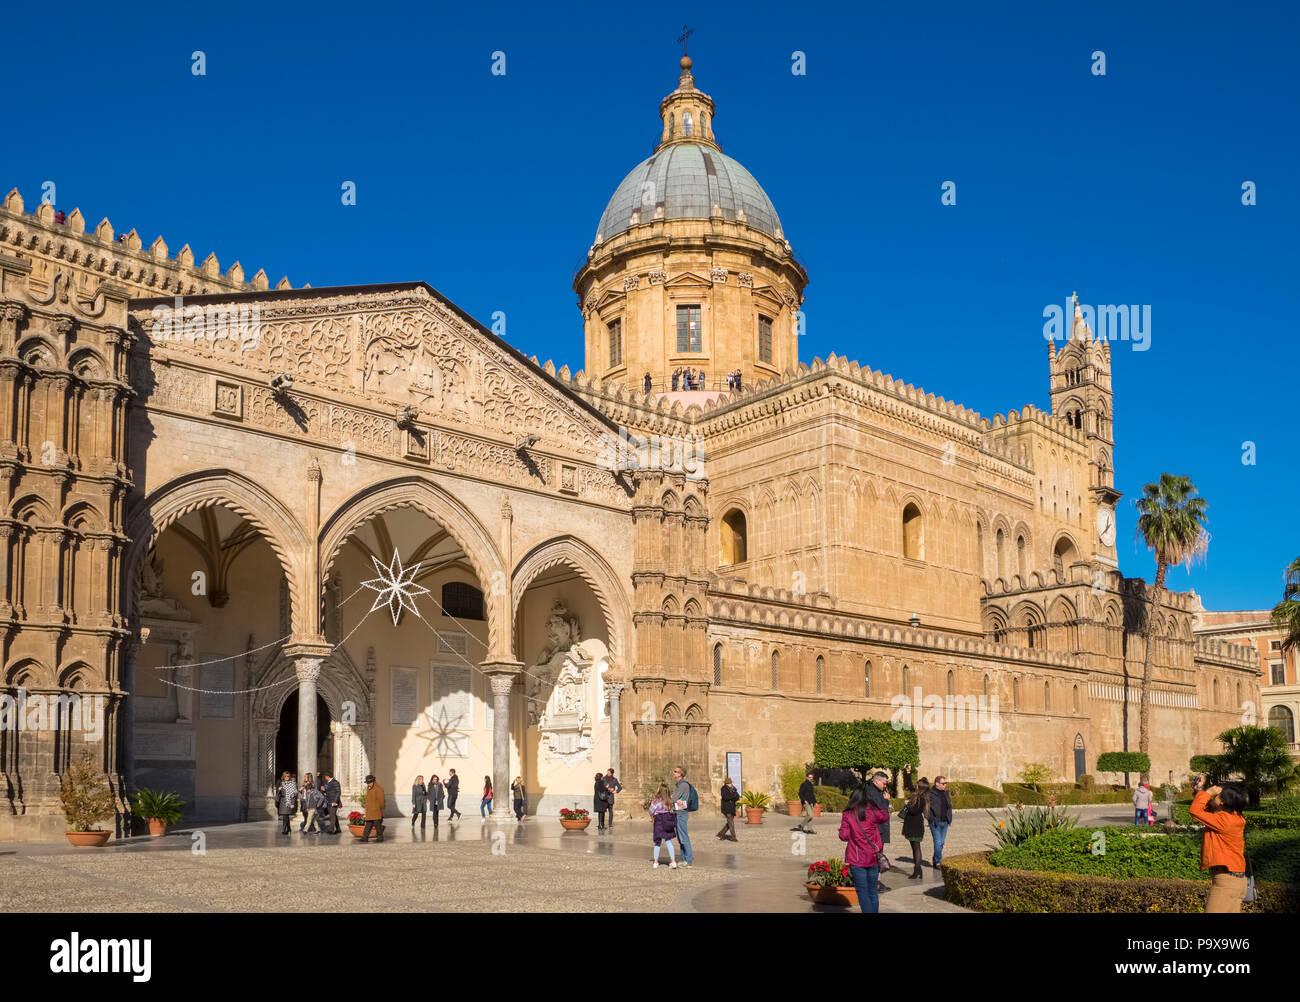 Exterior de la catedral de Palermo, de la Asunción de la Virgen María, Palermo, Sicilia, Italia, Europa Imagen De Stock